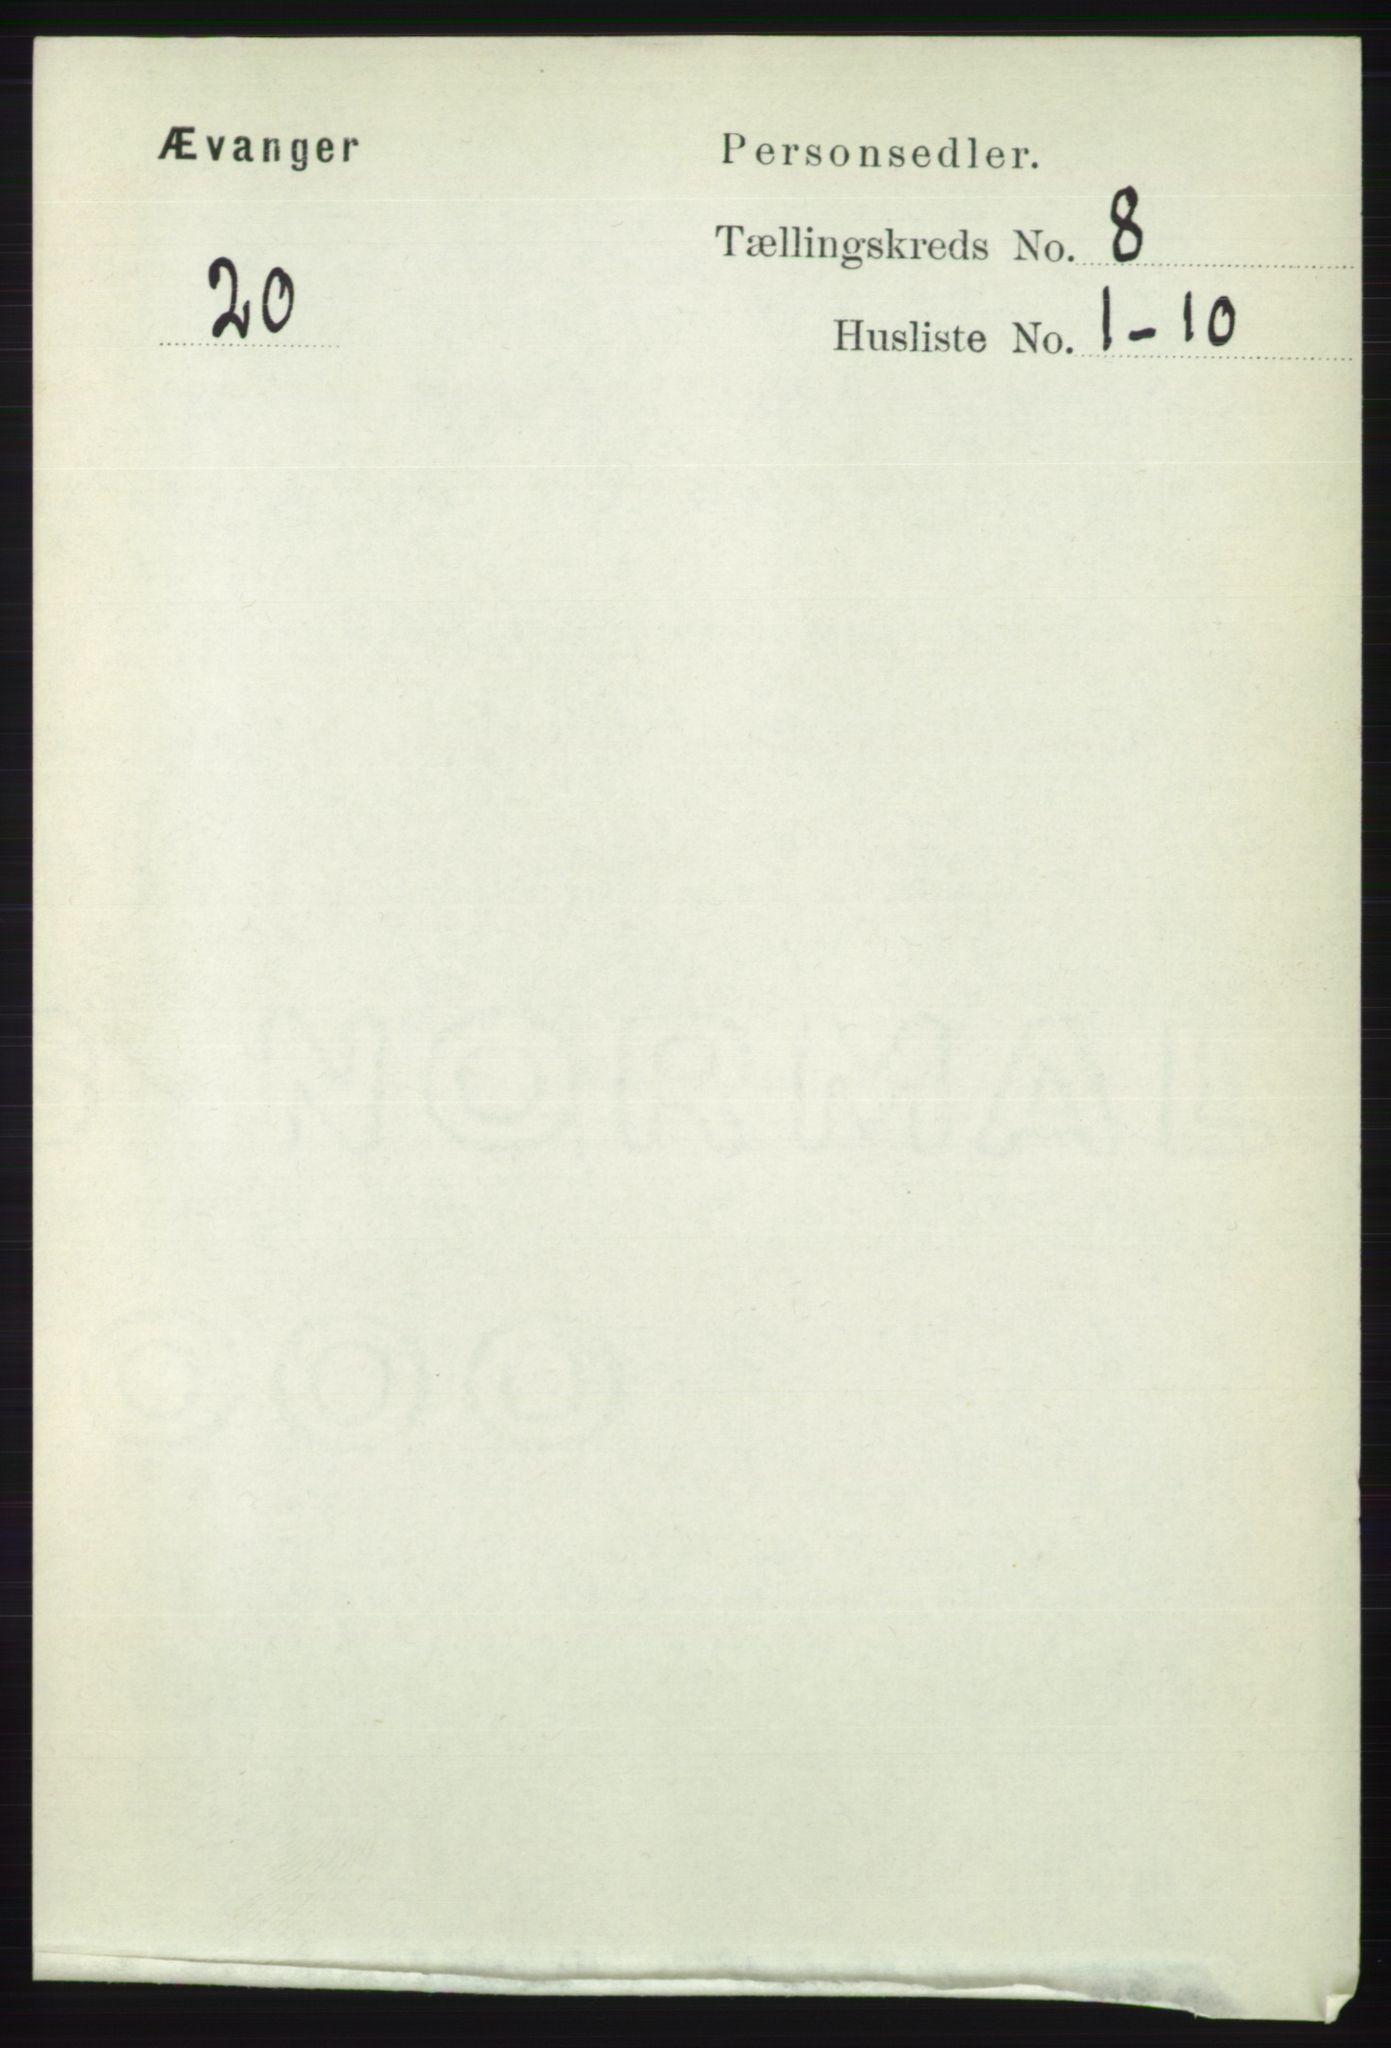 RA, Folketelling 1891 for 1237 Evanger herred, 1891, s. 2257